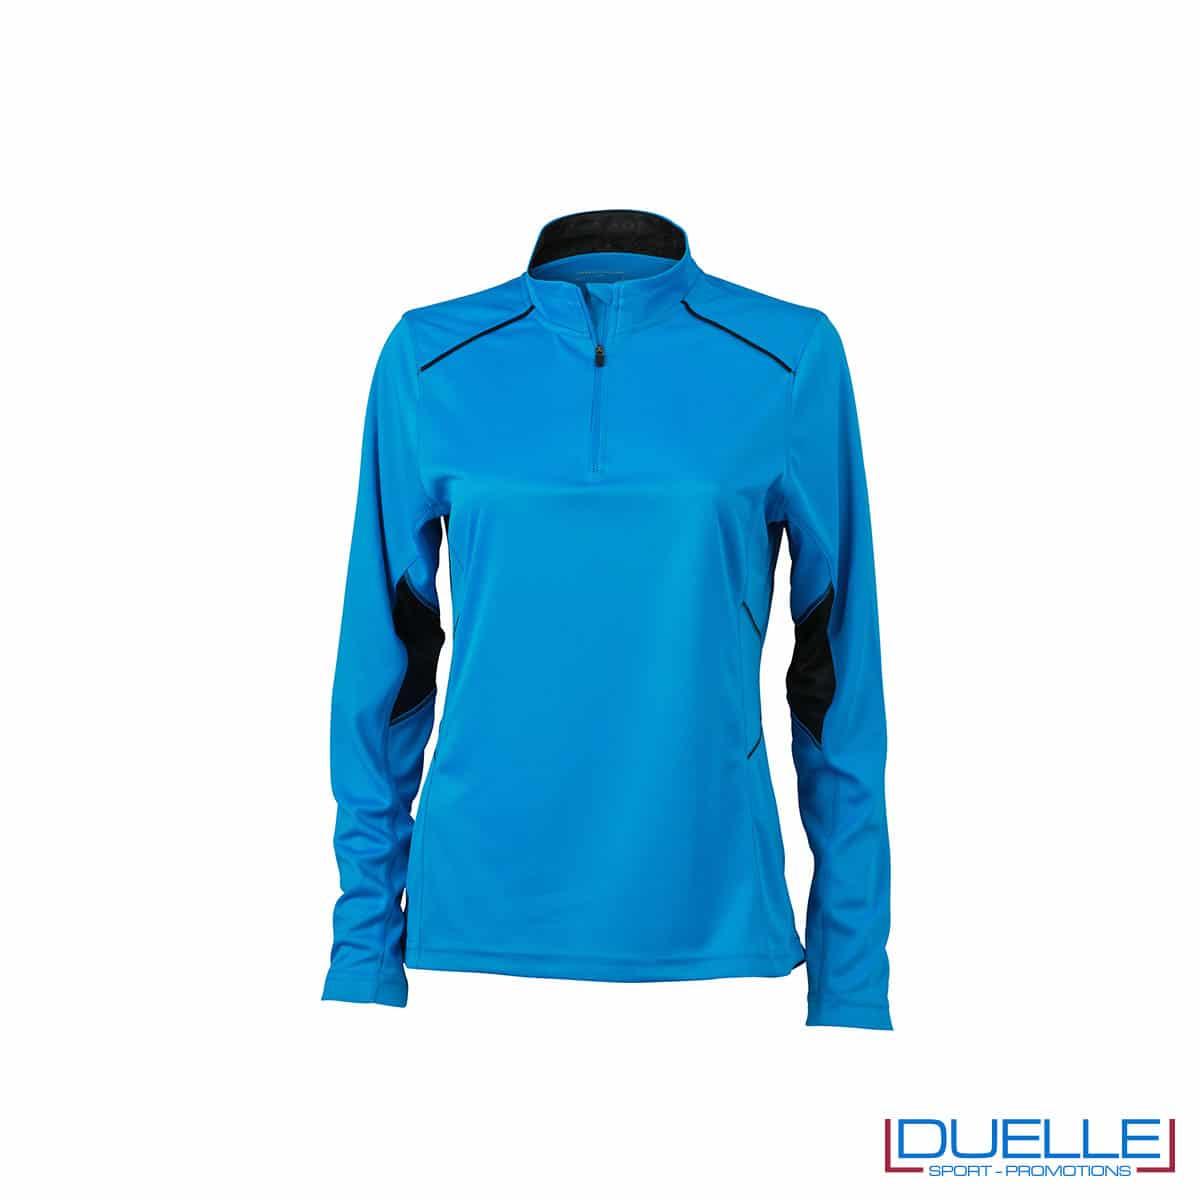 Maglia running con zip donna colore azzurro personalizzata